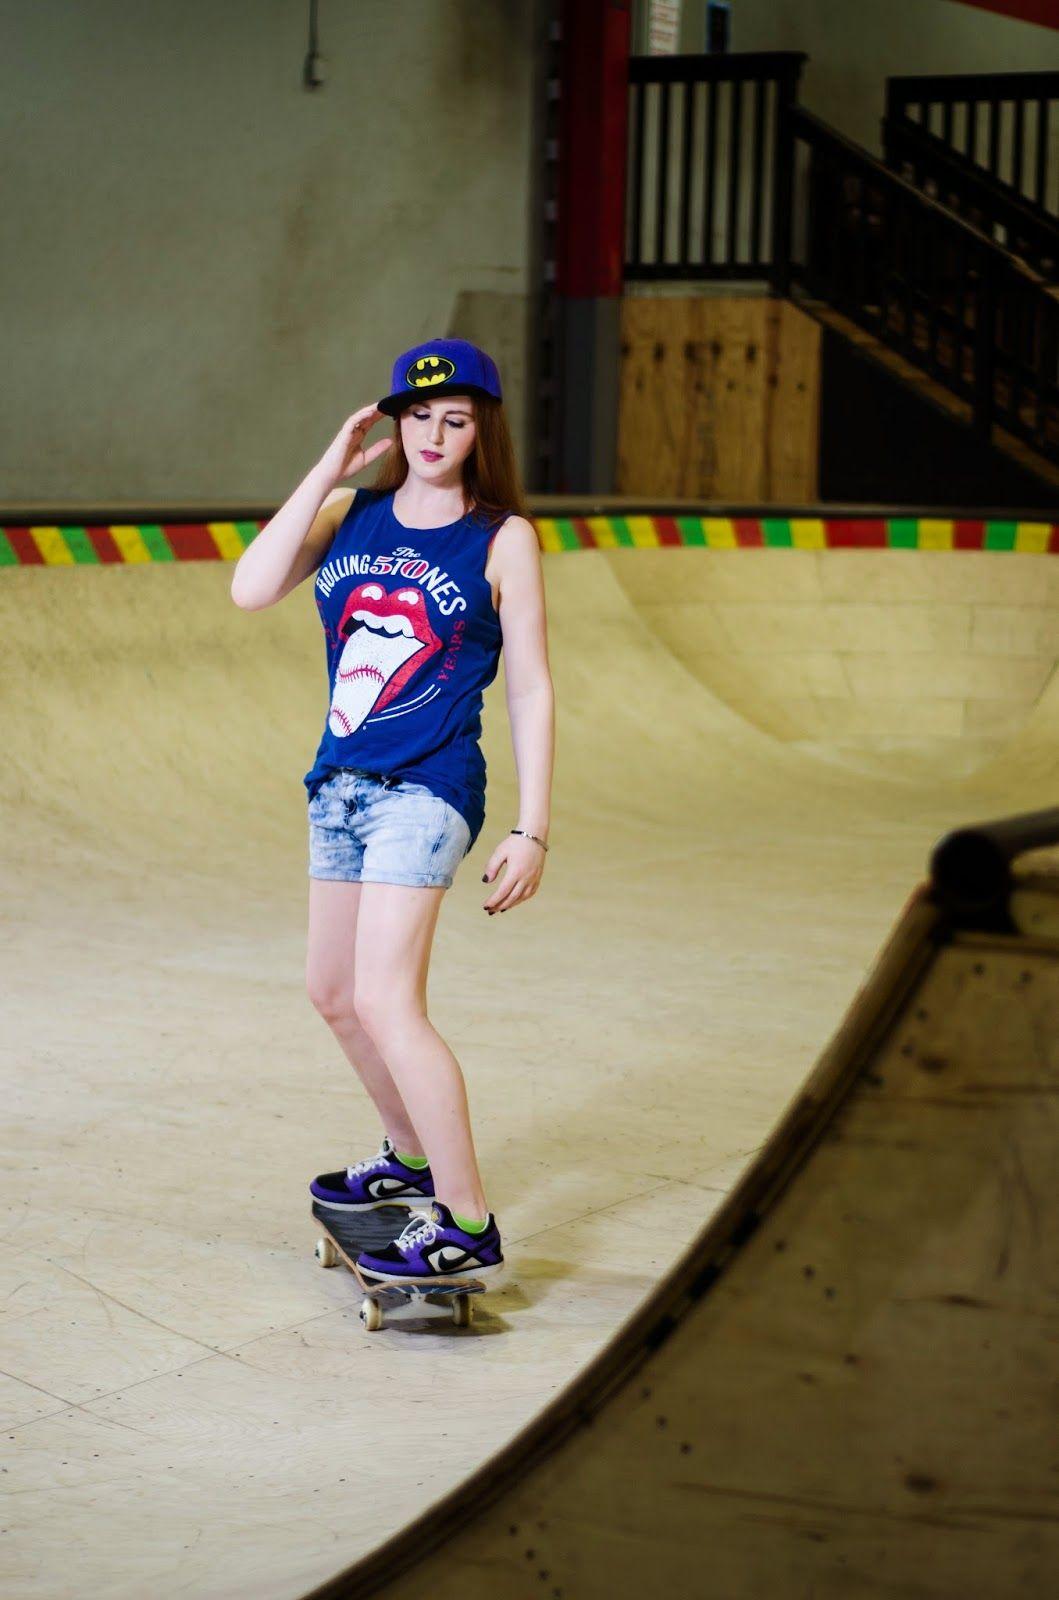 skater style skater girl style skateboarding style